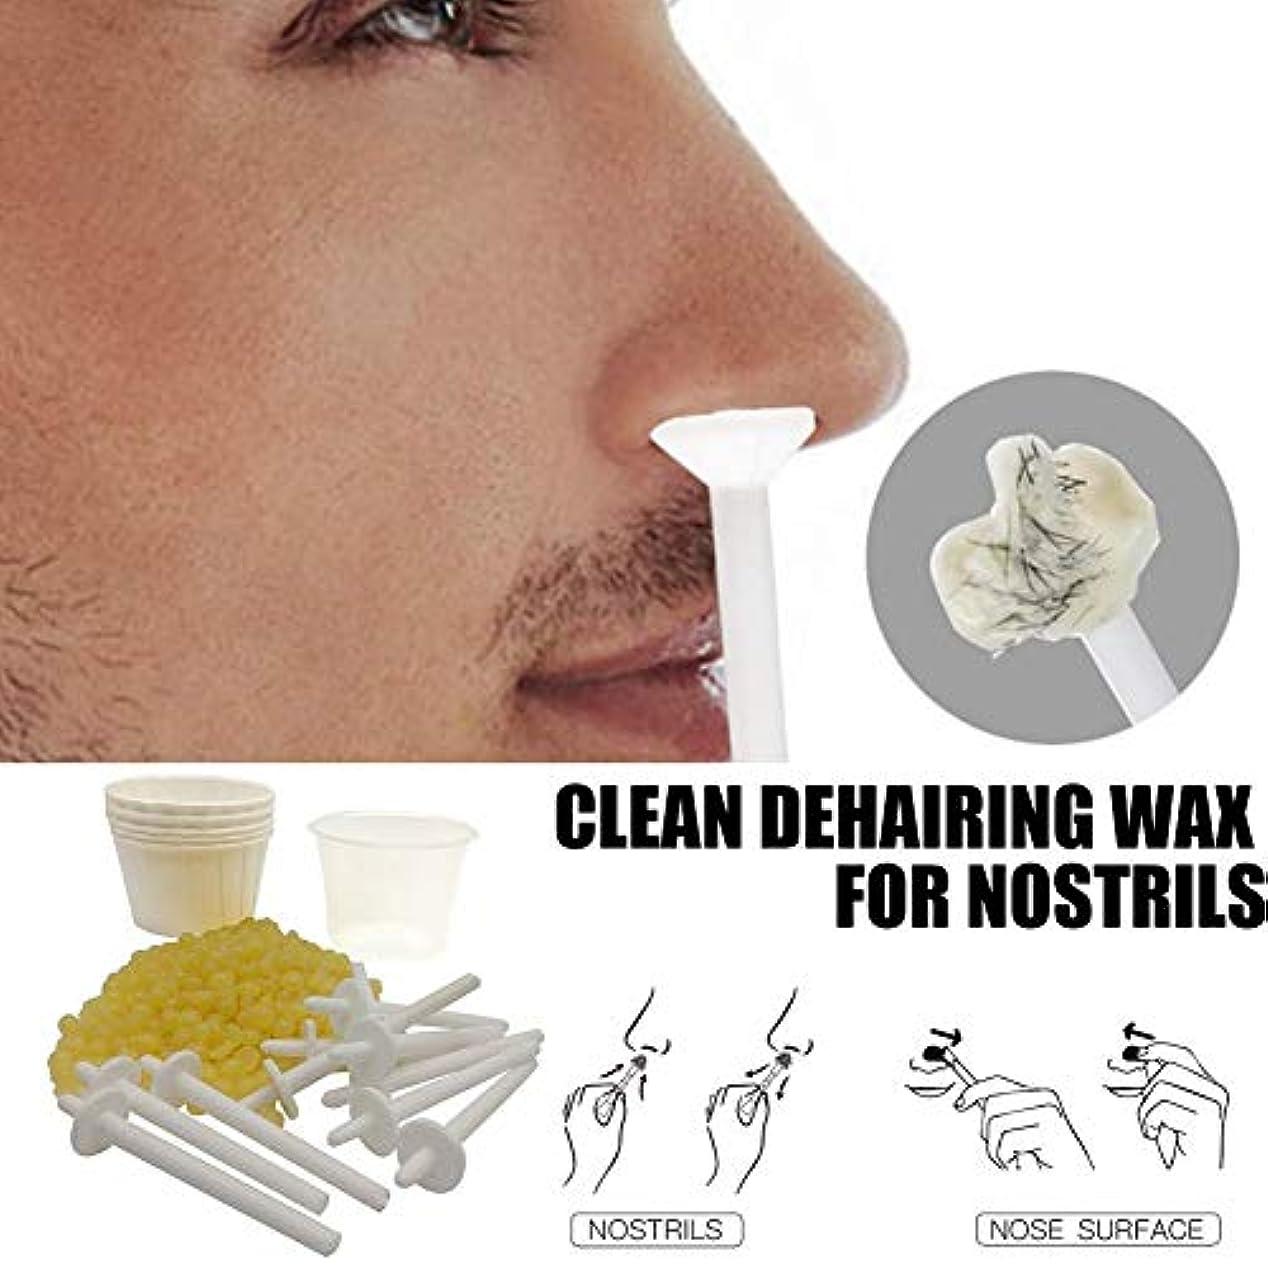 熟考するキロメートルファイアルSILUN 鼻毛除去ワックスキット 鼻毛除去化粧道具 ノーズワックスポッド ポータブル道具 迅速かつ無痛 (50グラム/ 10回使用回数)